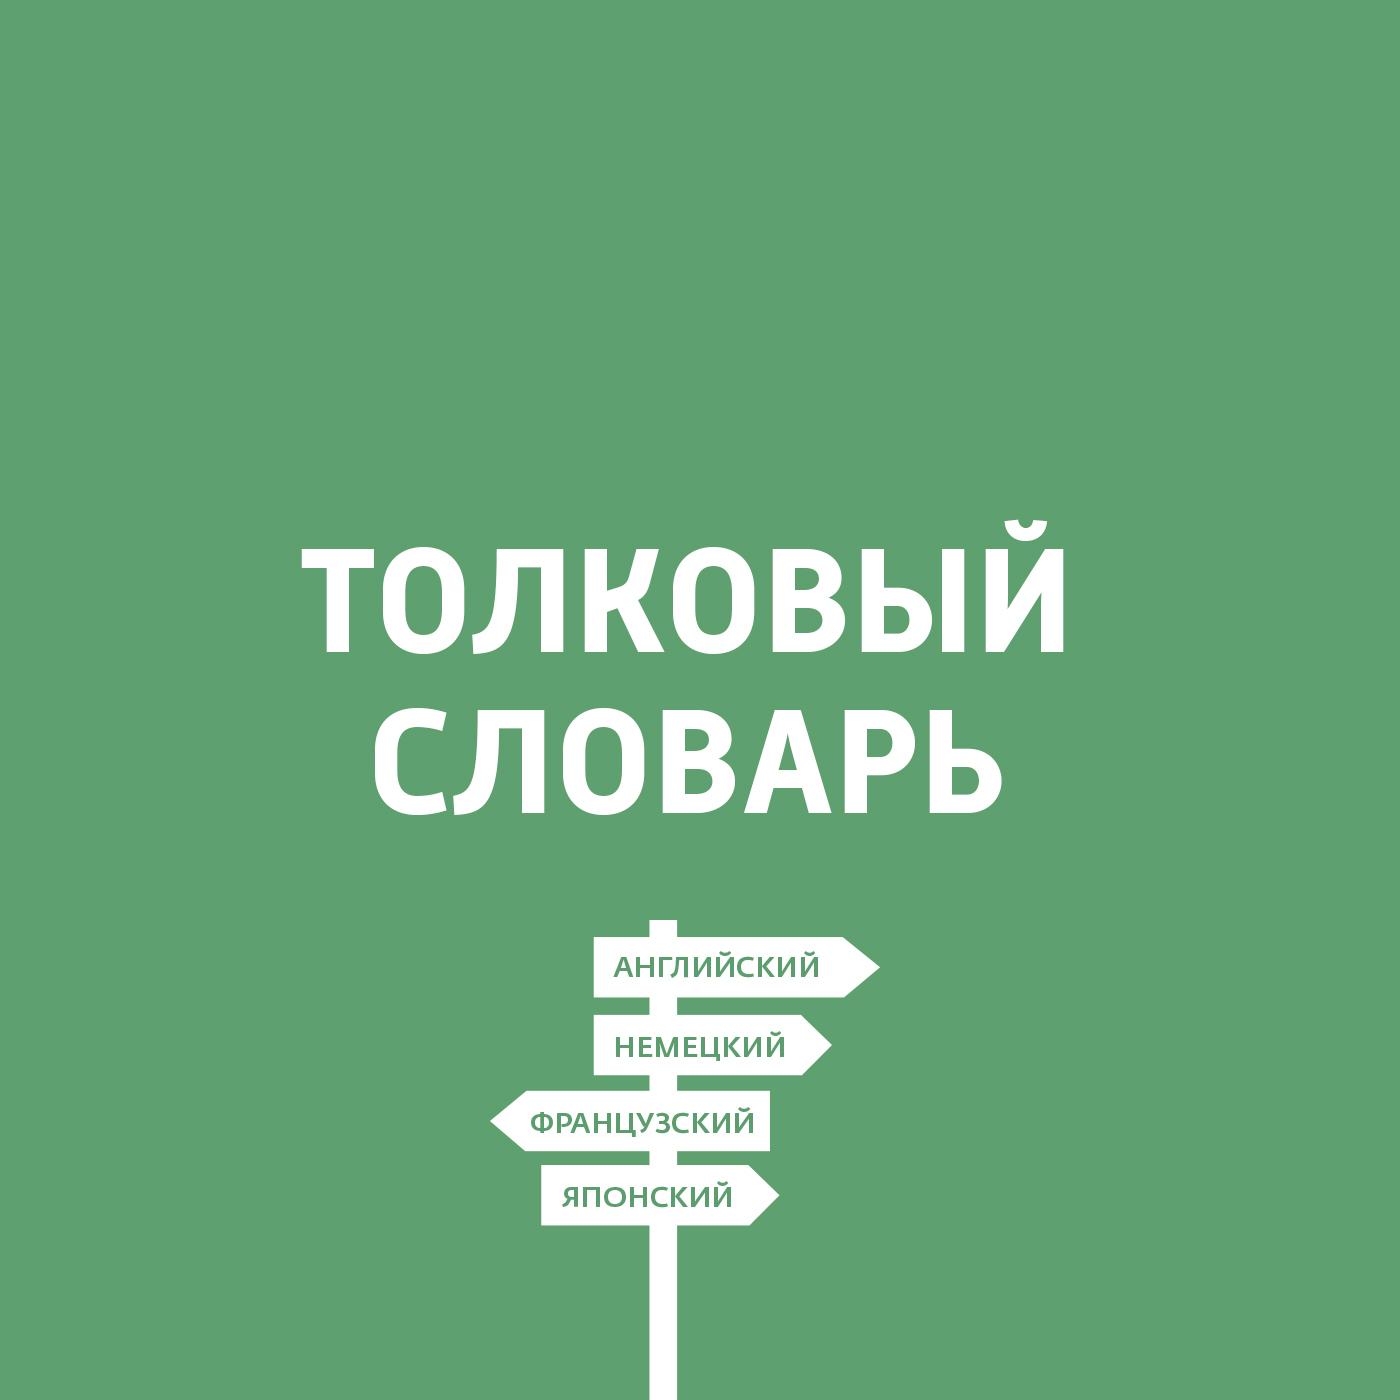 Дмитрий Петров Смешение языков. Гибридные языки. Сленги